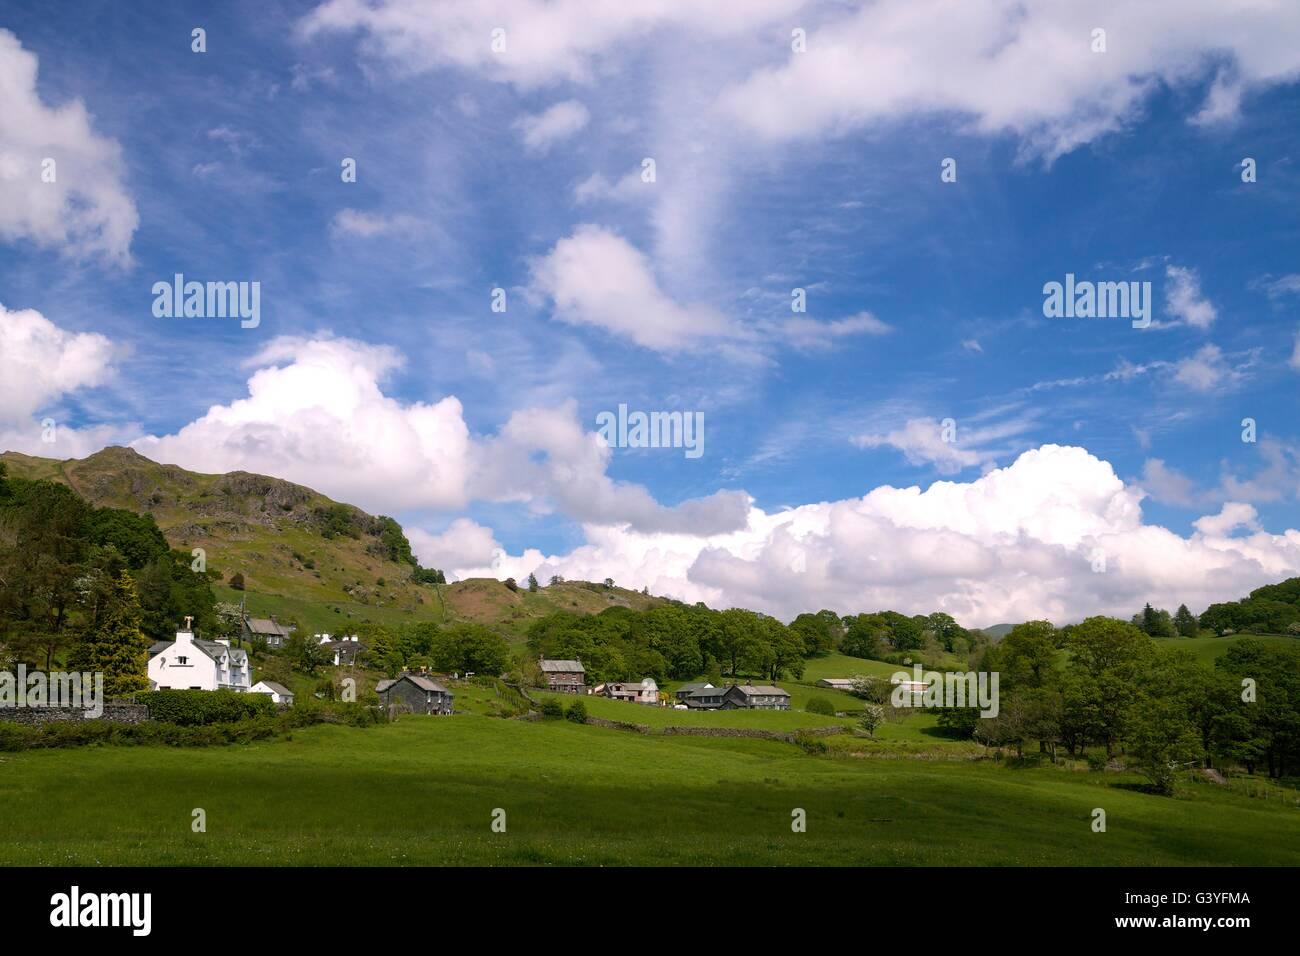 Little Langdale valley, Parco Nazionale del Distretto dei Laghi, Cumbria, Regno Unito, GB, Europa Immagini Stock